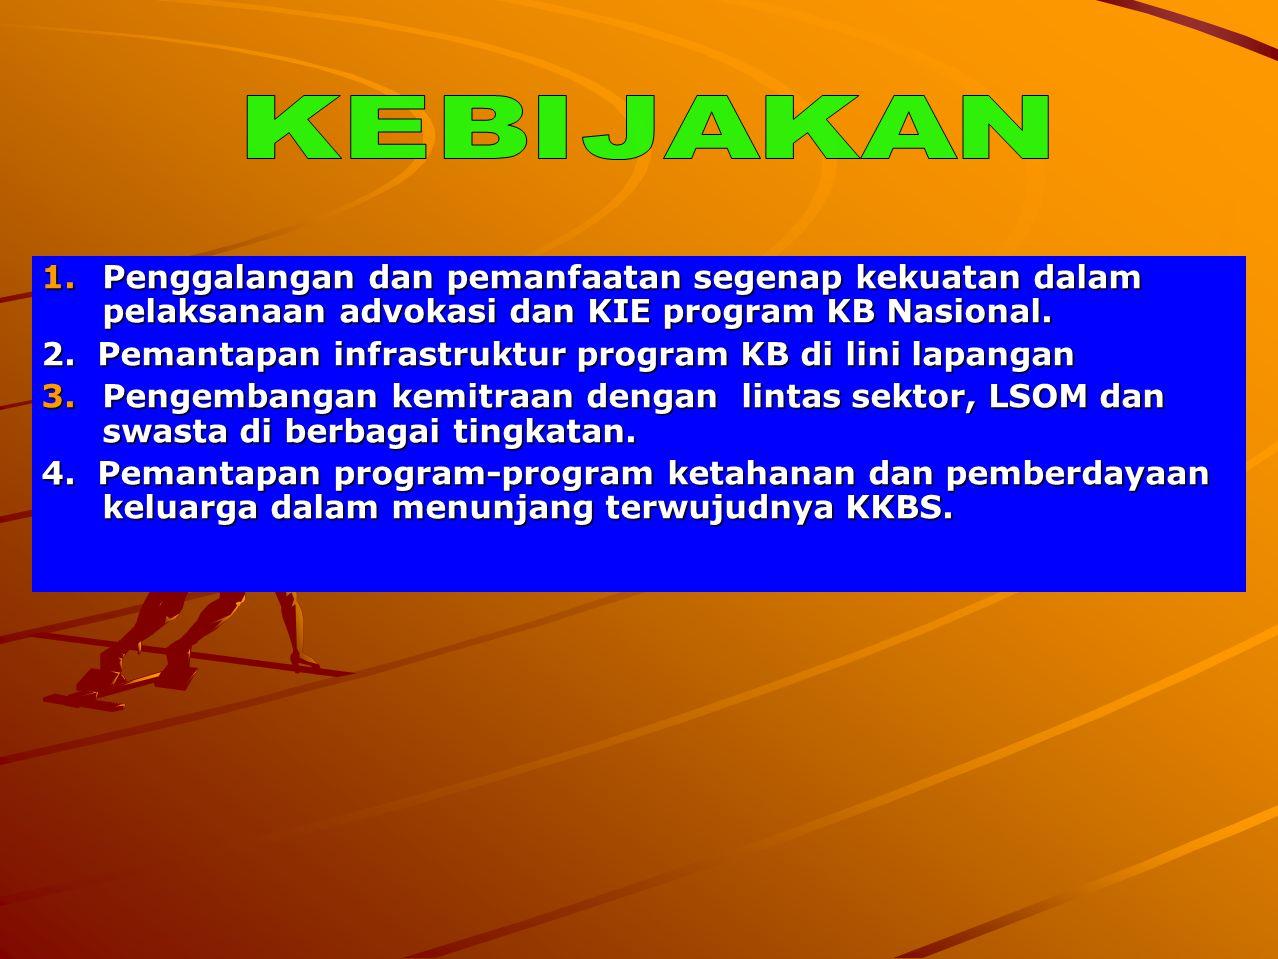 1.Penggalangan dan pemanfaatan segenap kekuatan dalam pelaksanaan advokasi dan KIE program KB Nasional. 2. Pemantapan infrastruktur program KB di lini